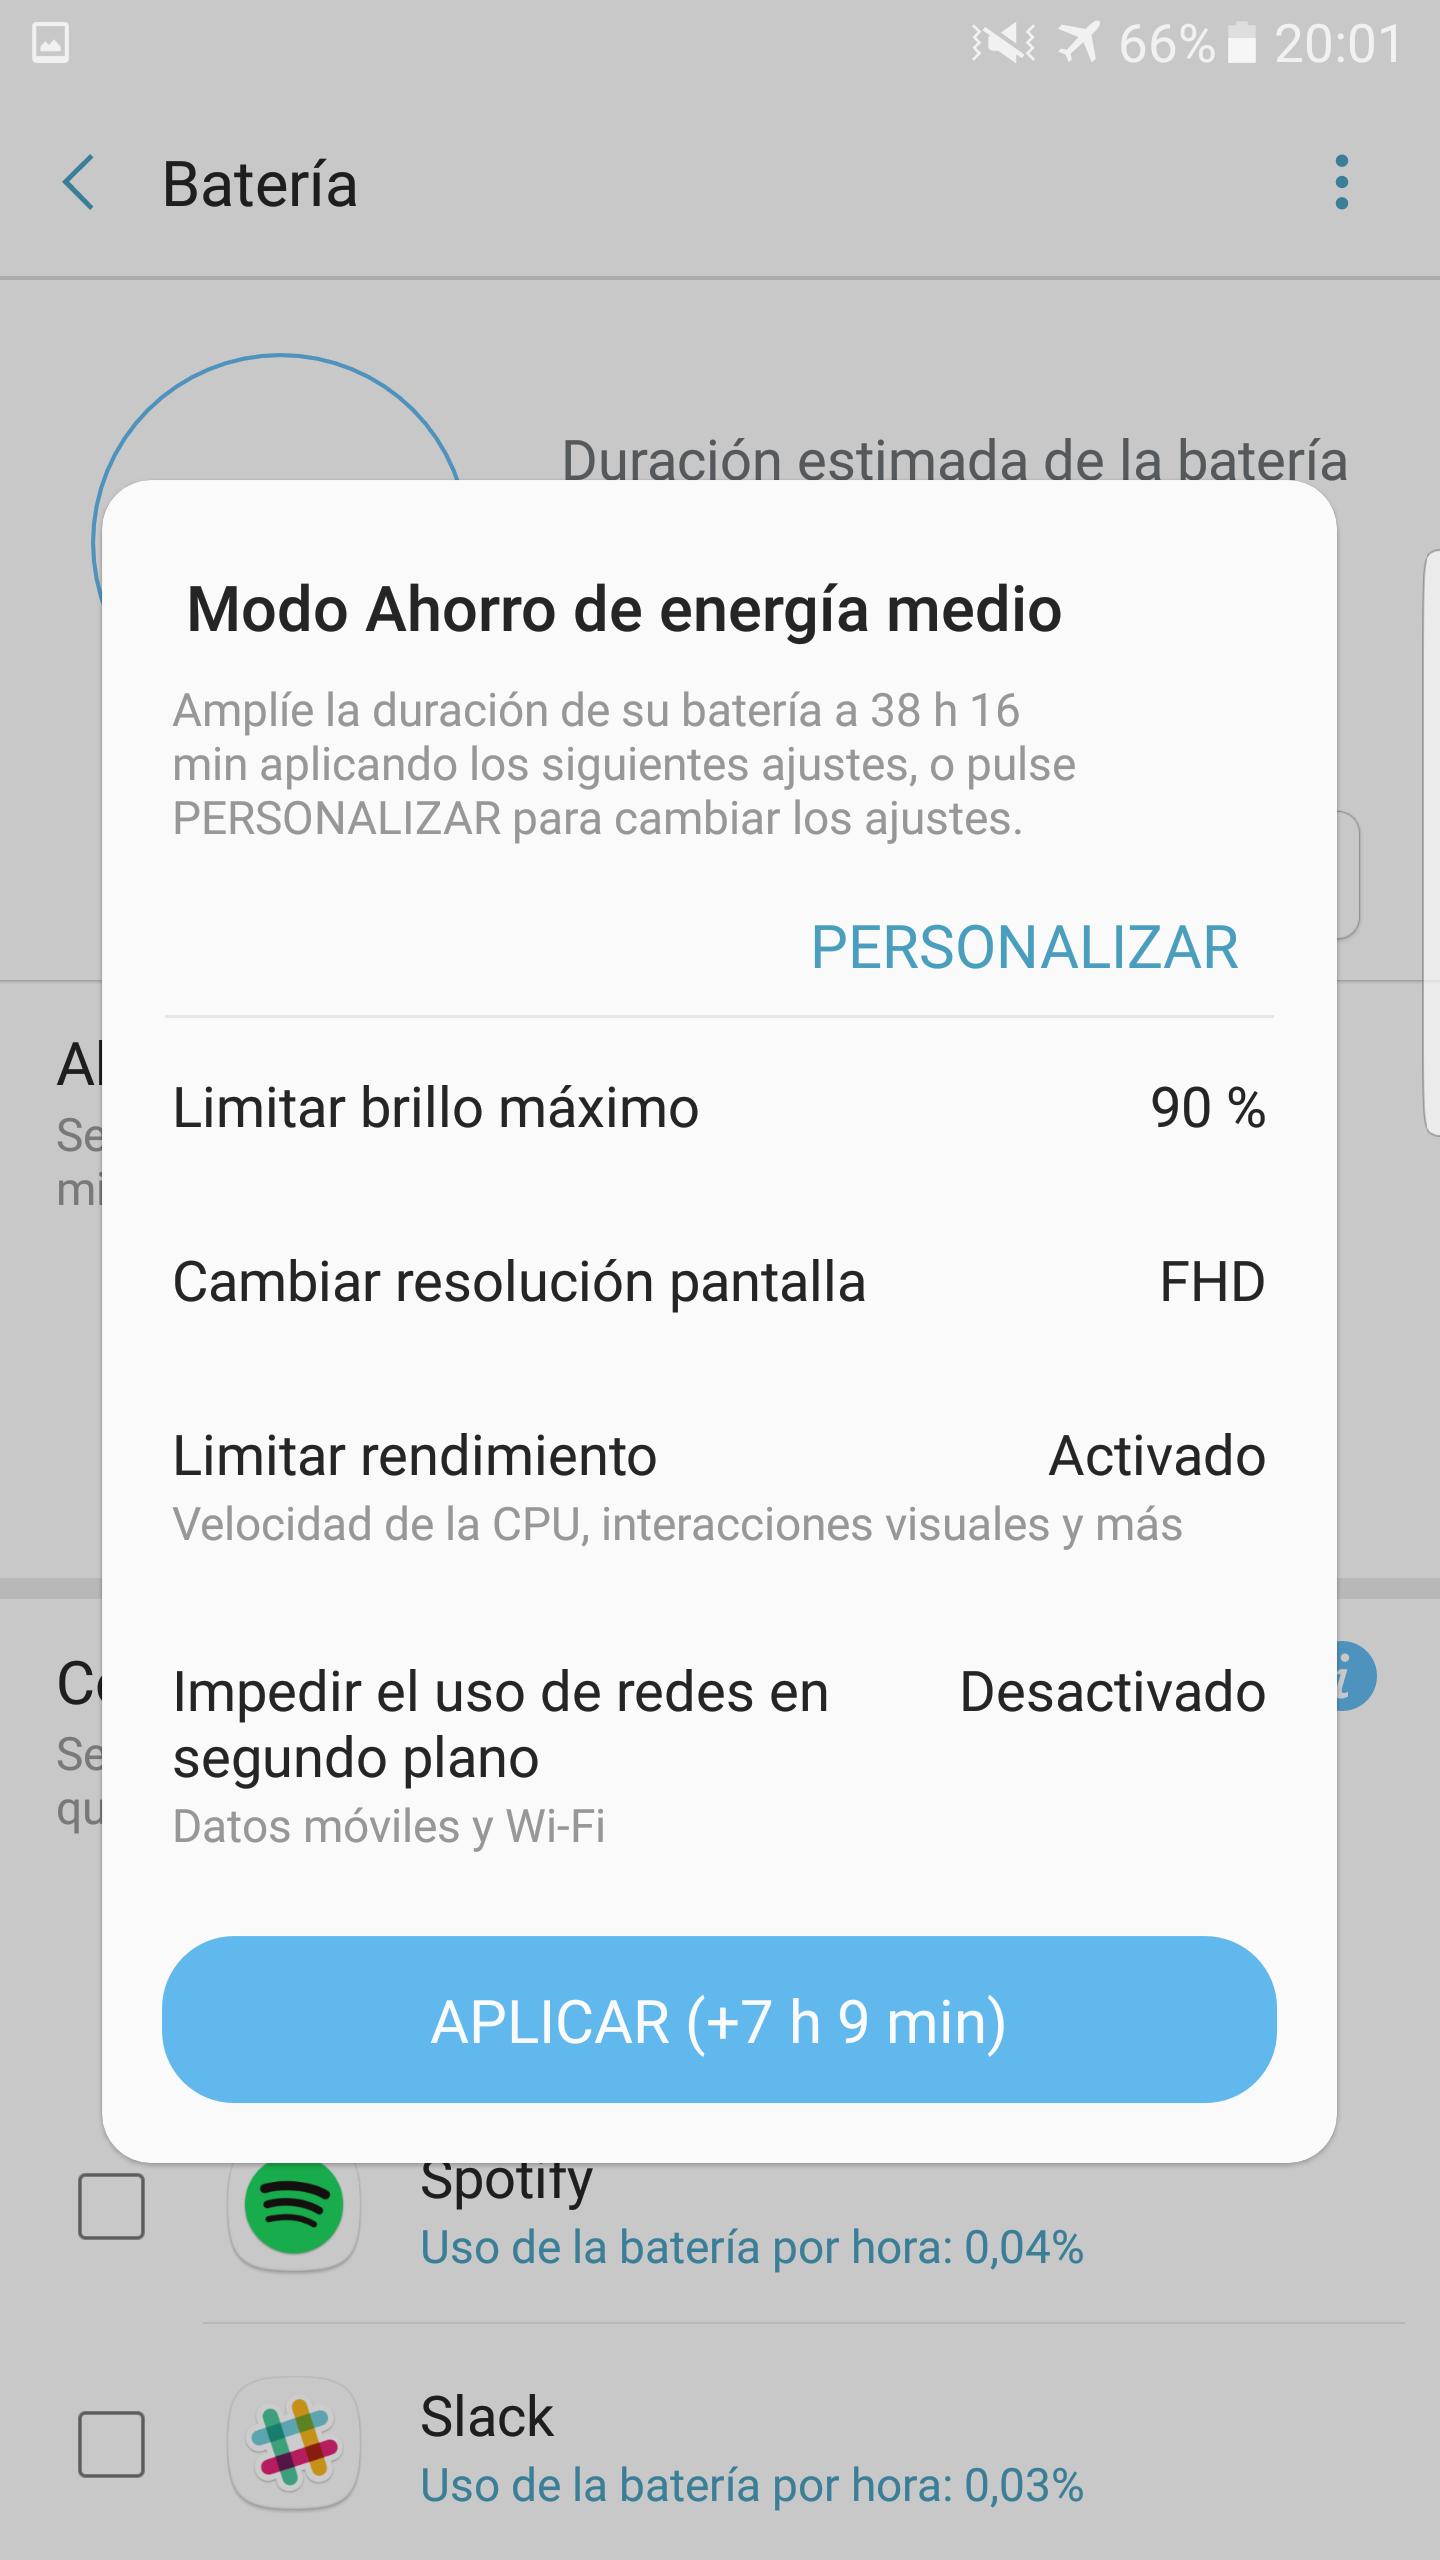 Galaxy Note 7 ahorro energía